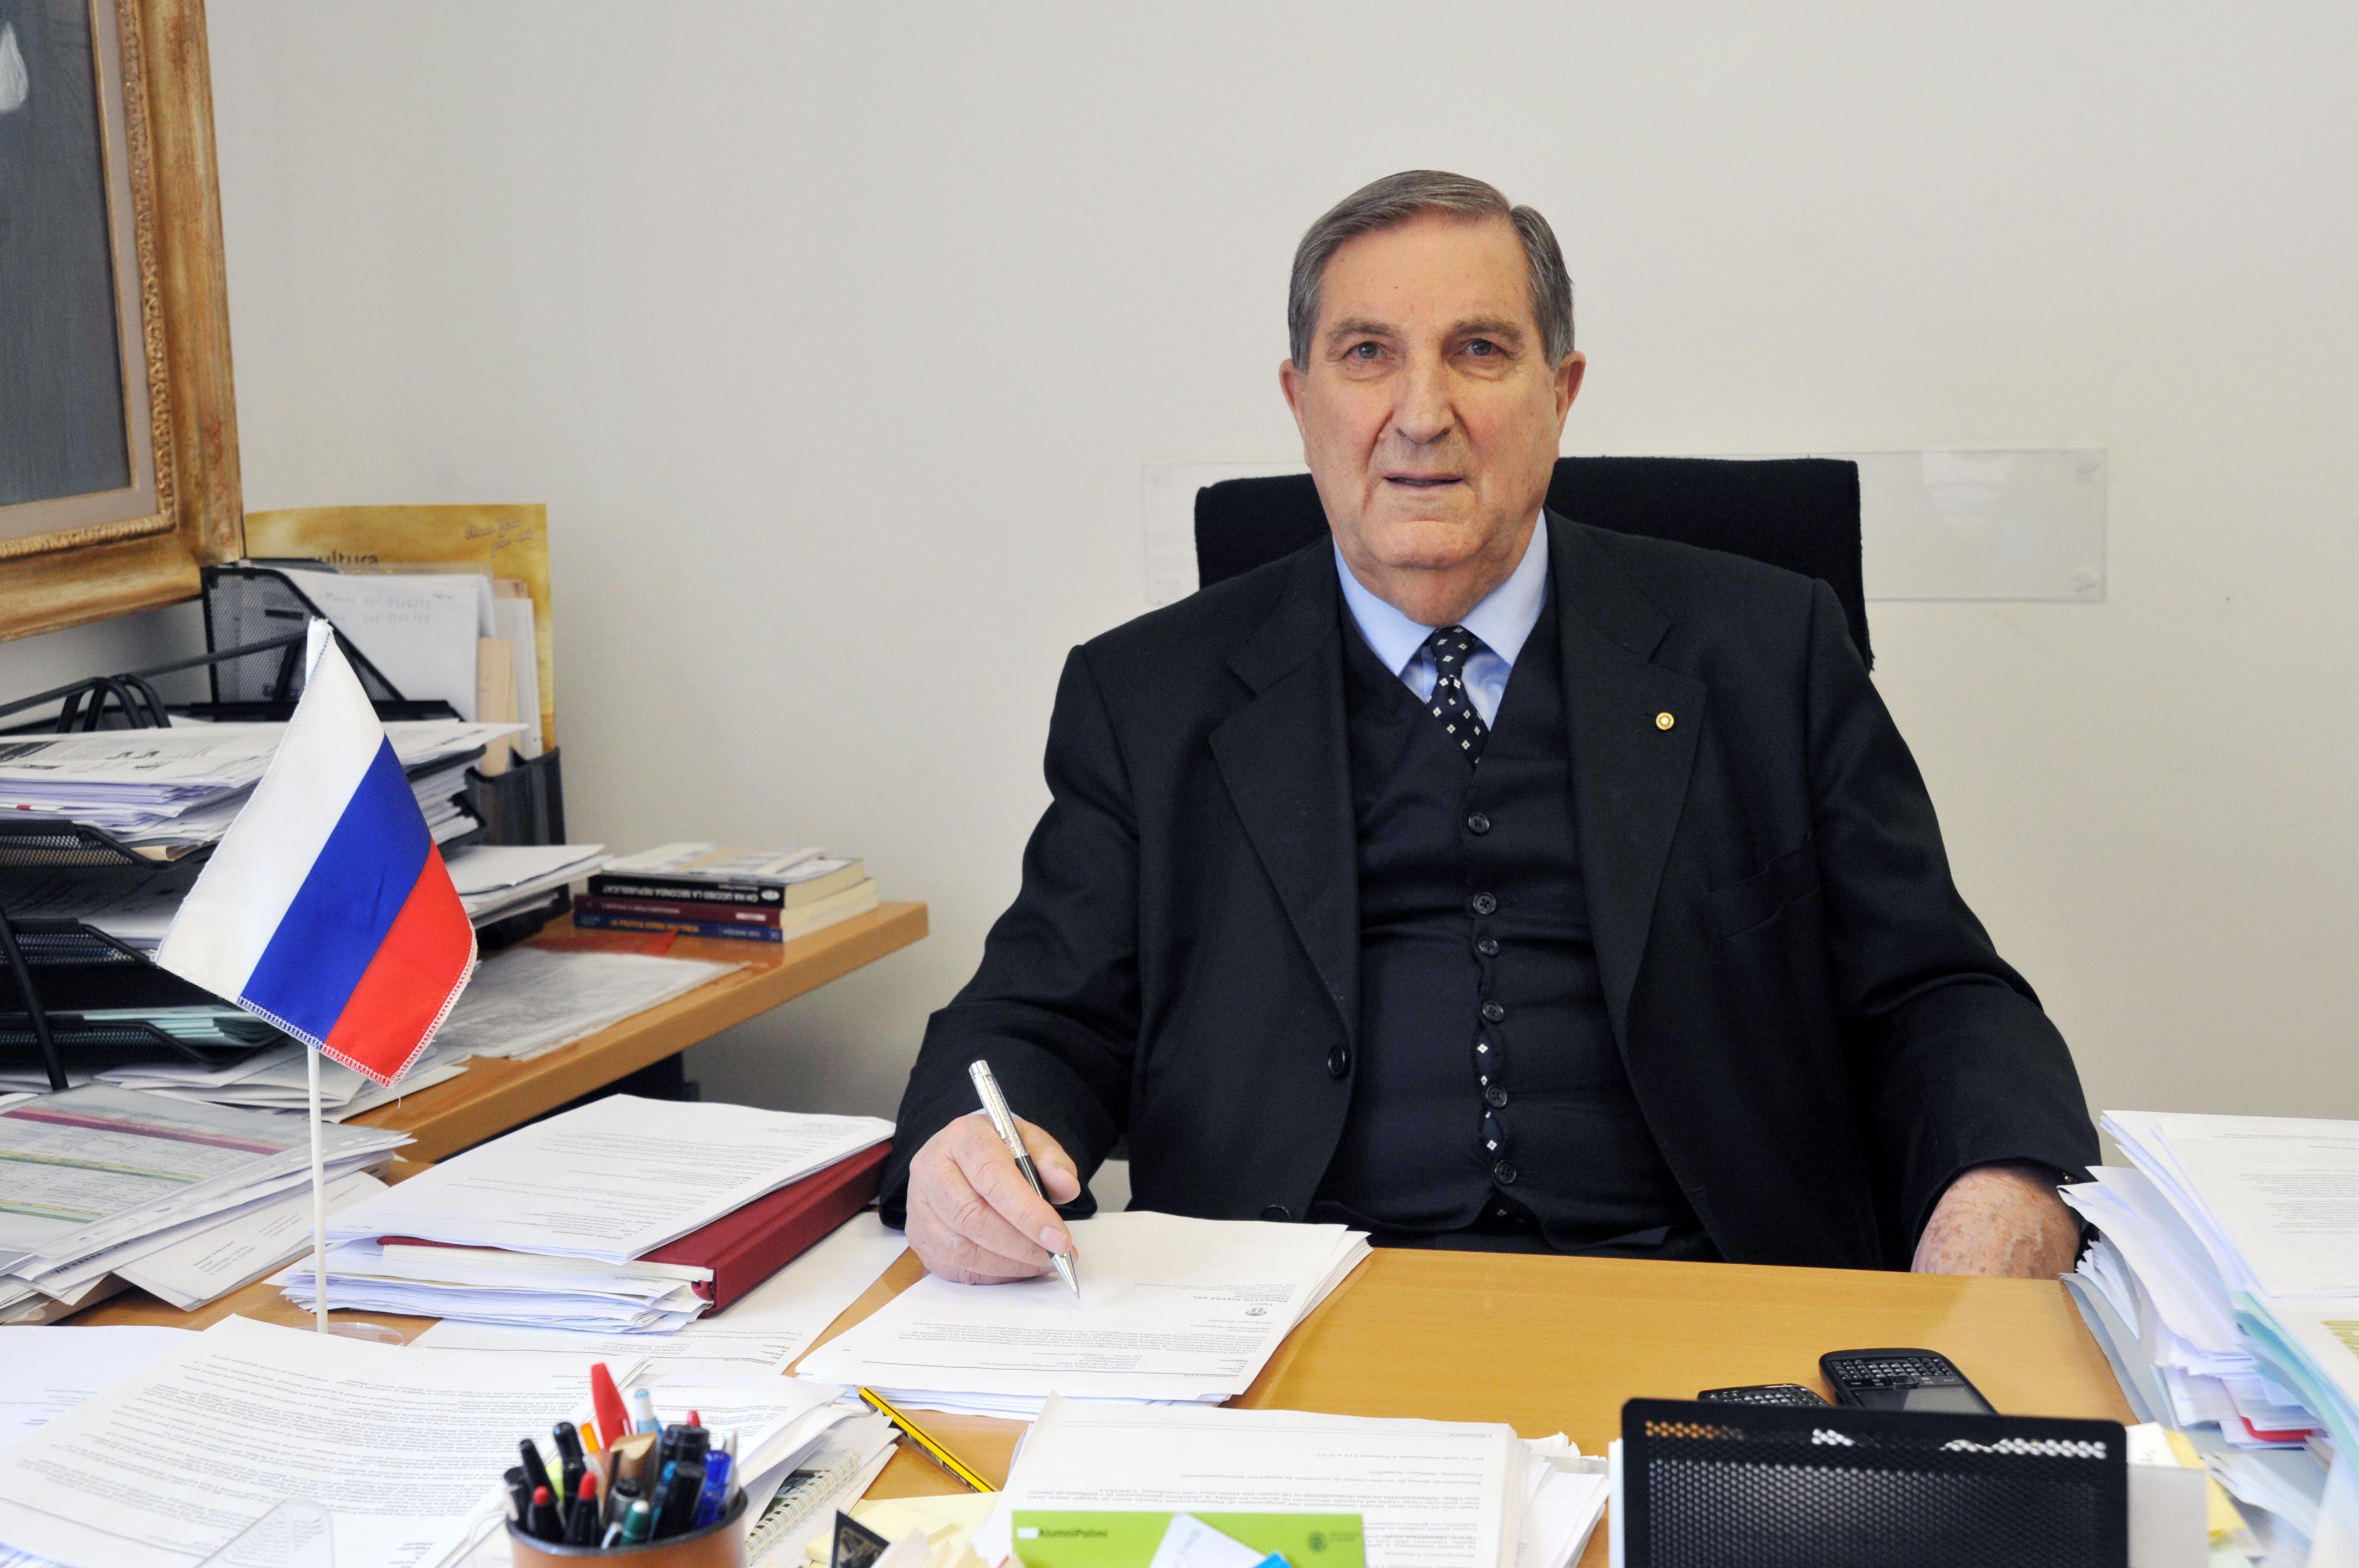 Lo stato attuale e le prospettive di collaborazione delle for Presidente della camera attuale